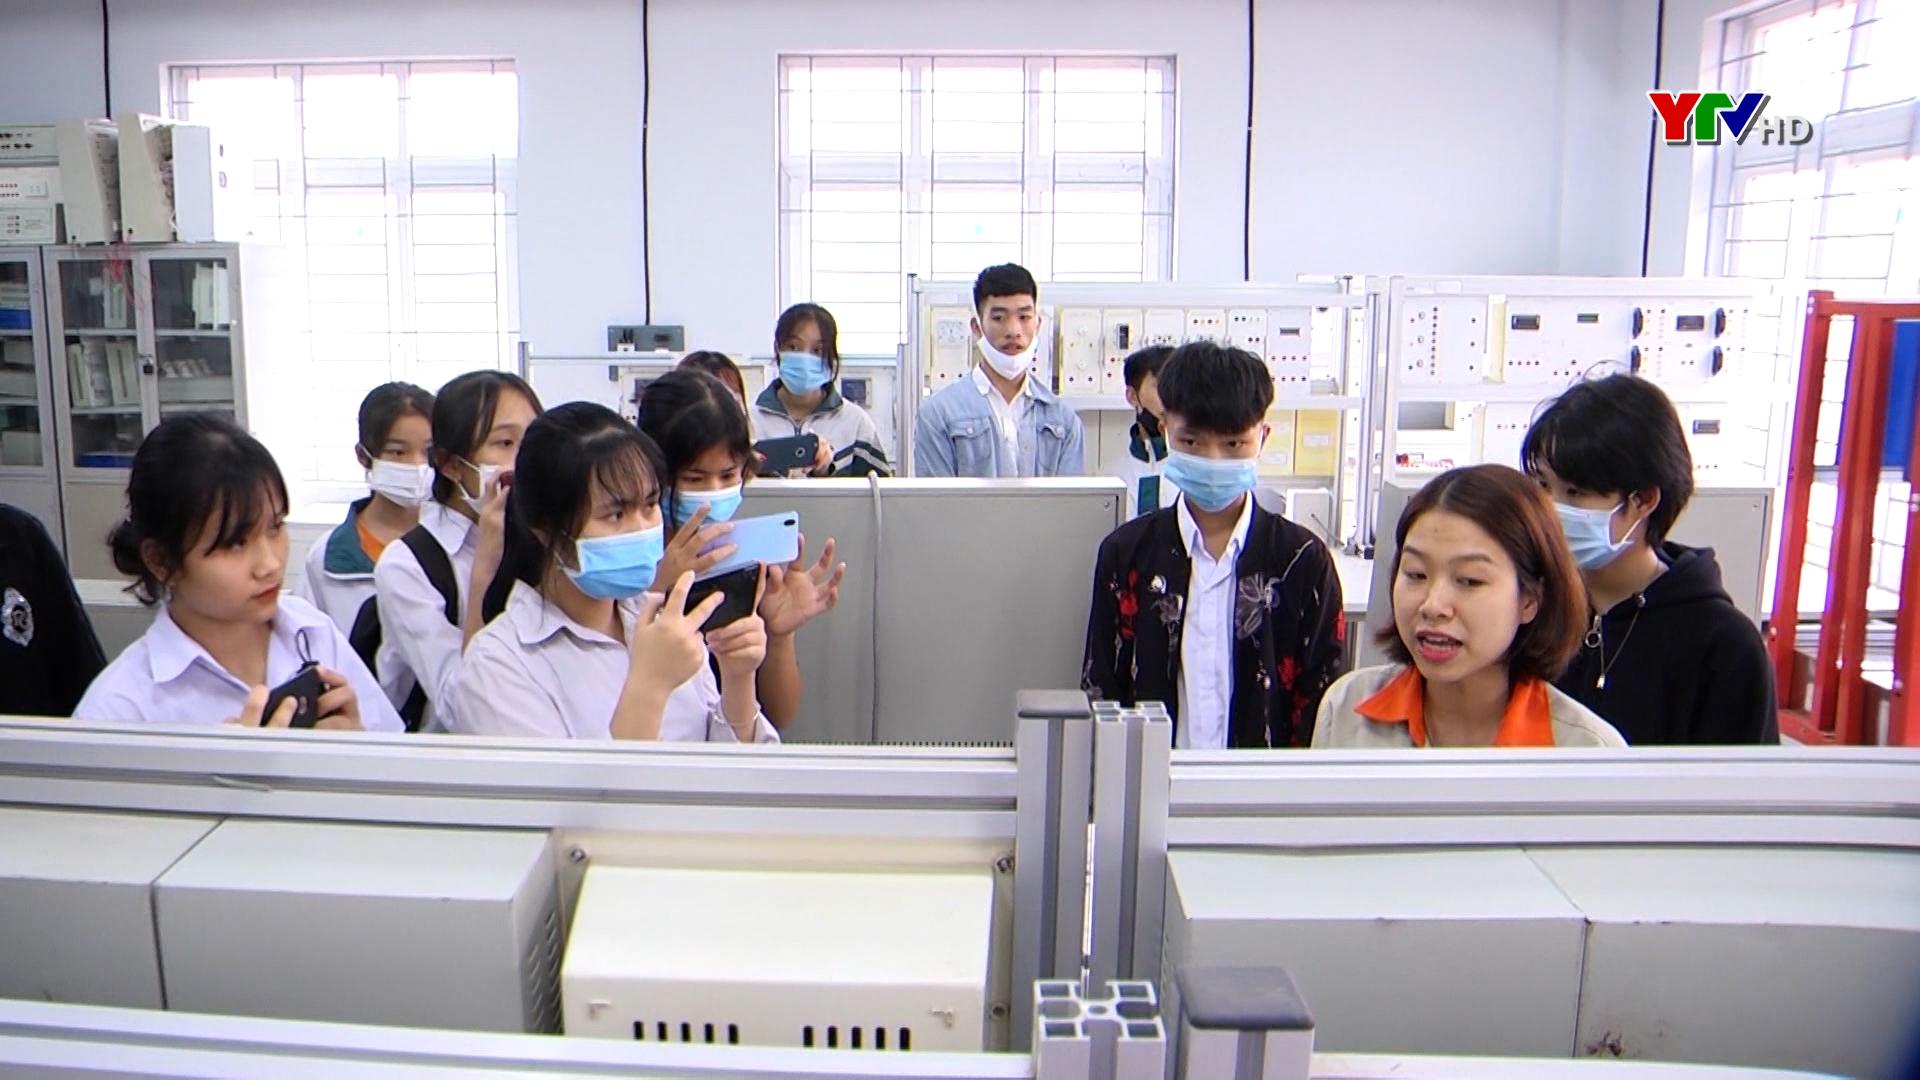 Trường Cao đẳng Nghề Yên Bái phối hợp tổ chức hướng nghiệp cho học sinh các trường THCS huyện Yên Bình